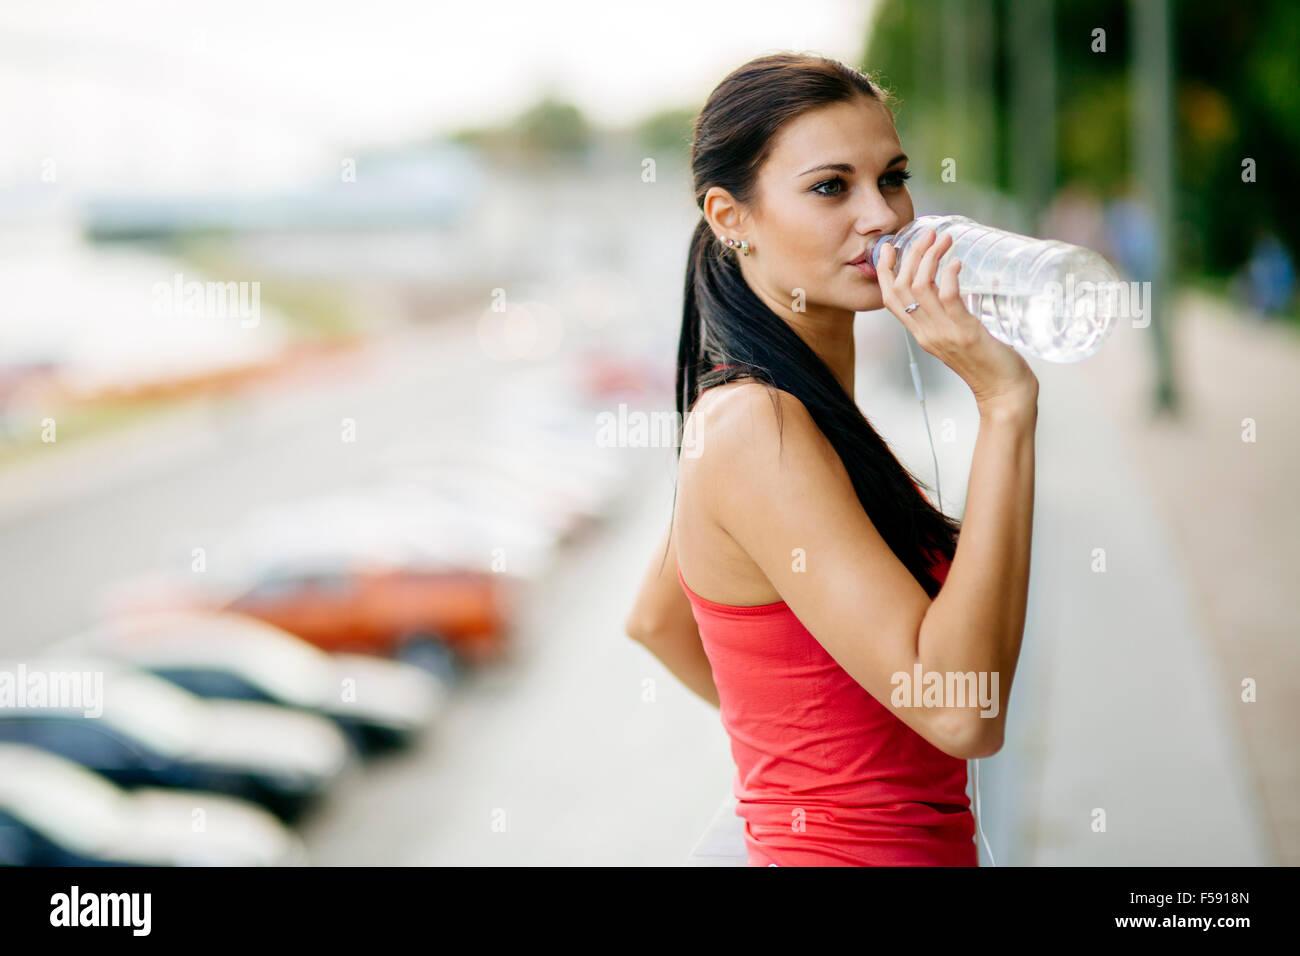 Mujer sedienta de agua potable para recuperarse después de hacer footing Imagen De Stock